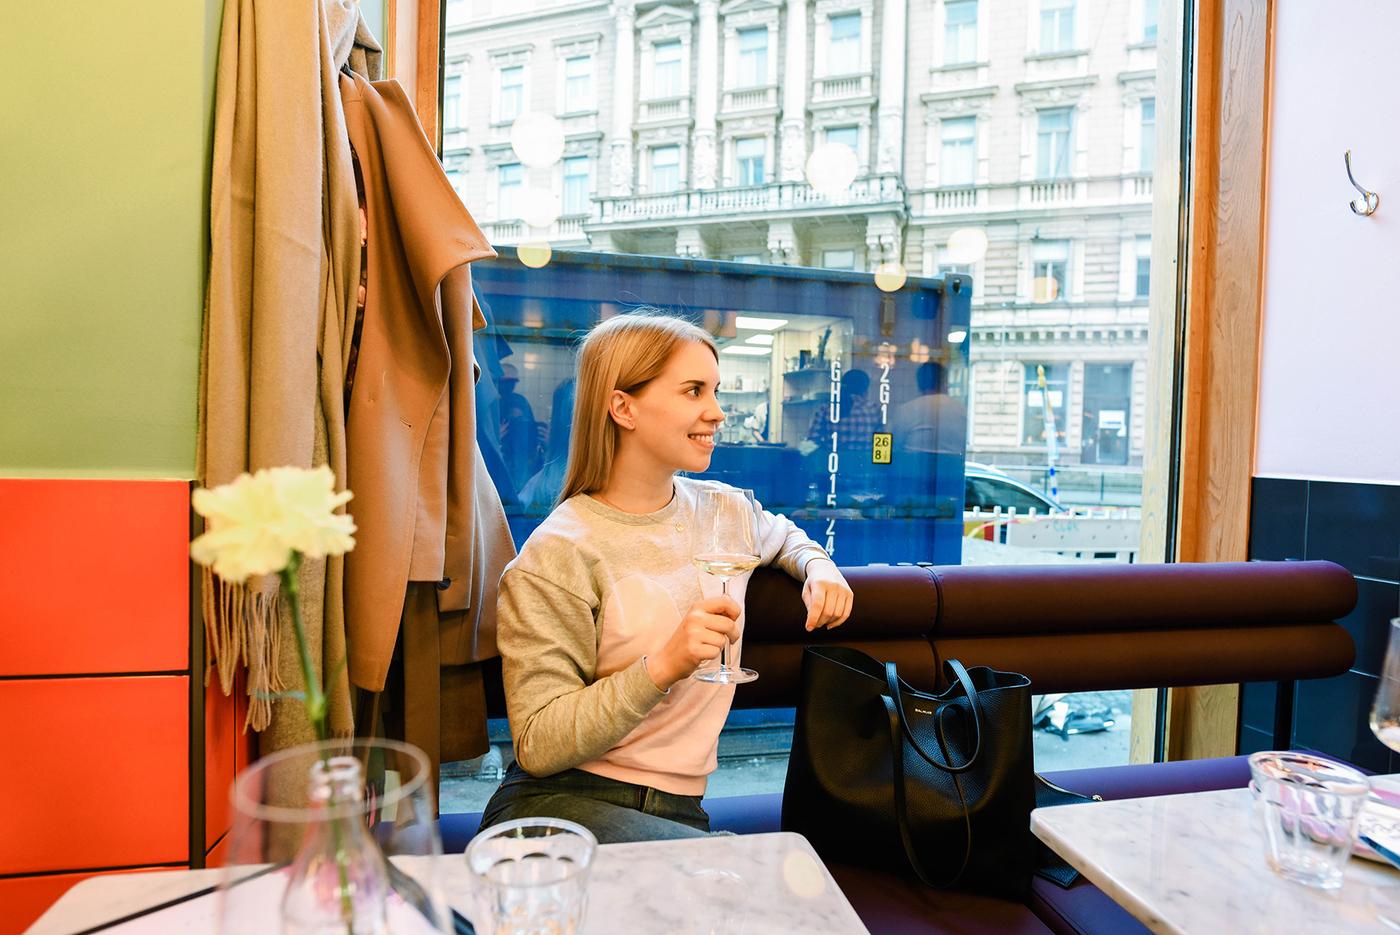 yesyesyes-ravintola-restaurant-helsinki-sundayblondie-5.jpg